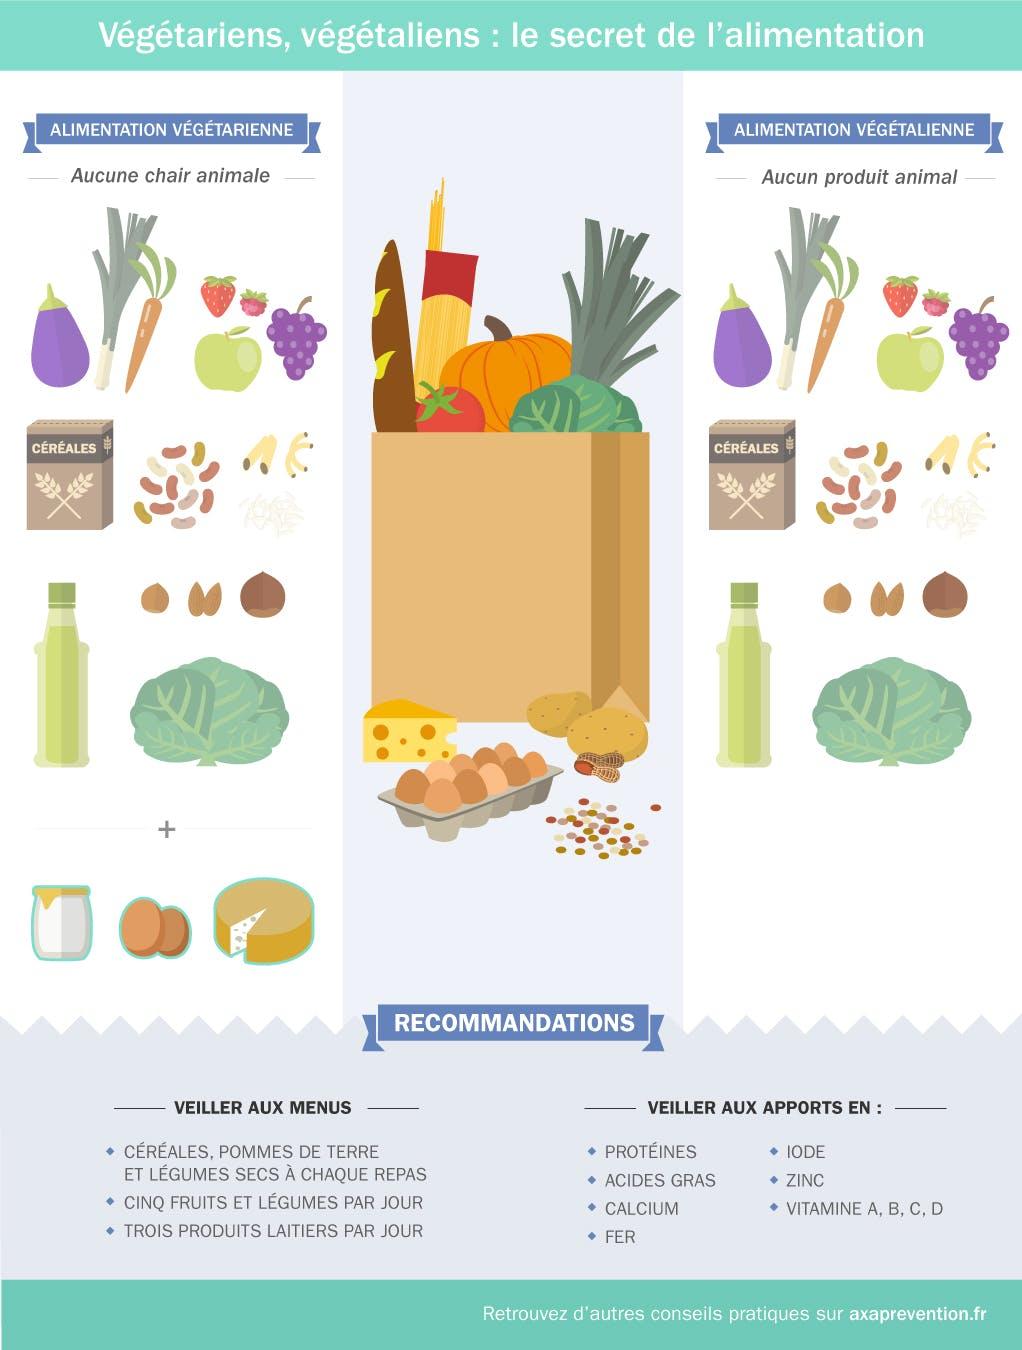 Végétariens, végétaliens : comment garder l'équilibre ?